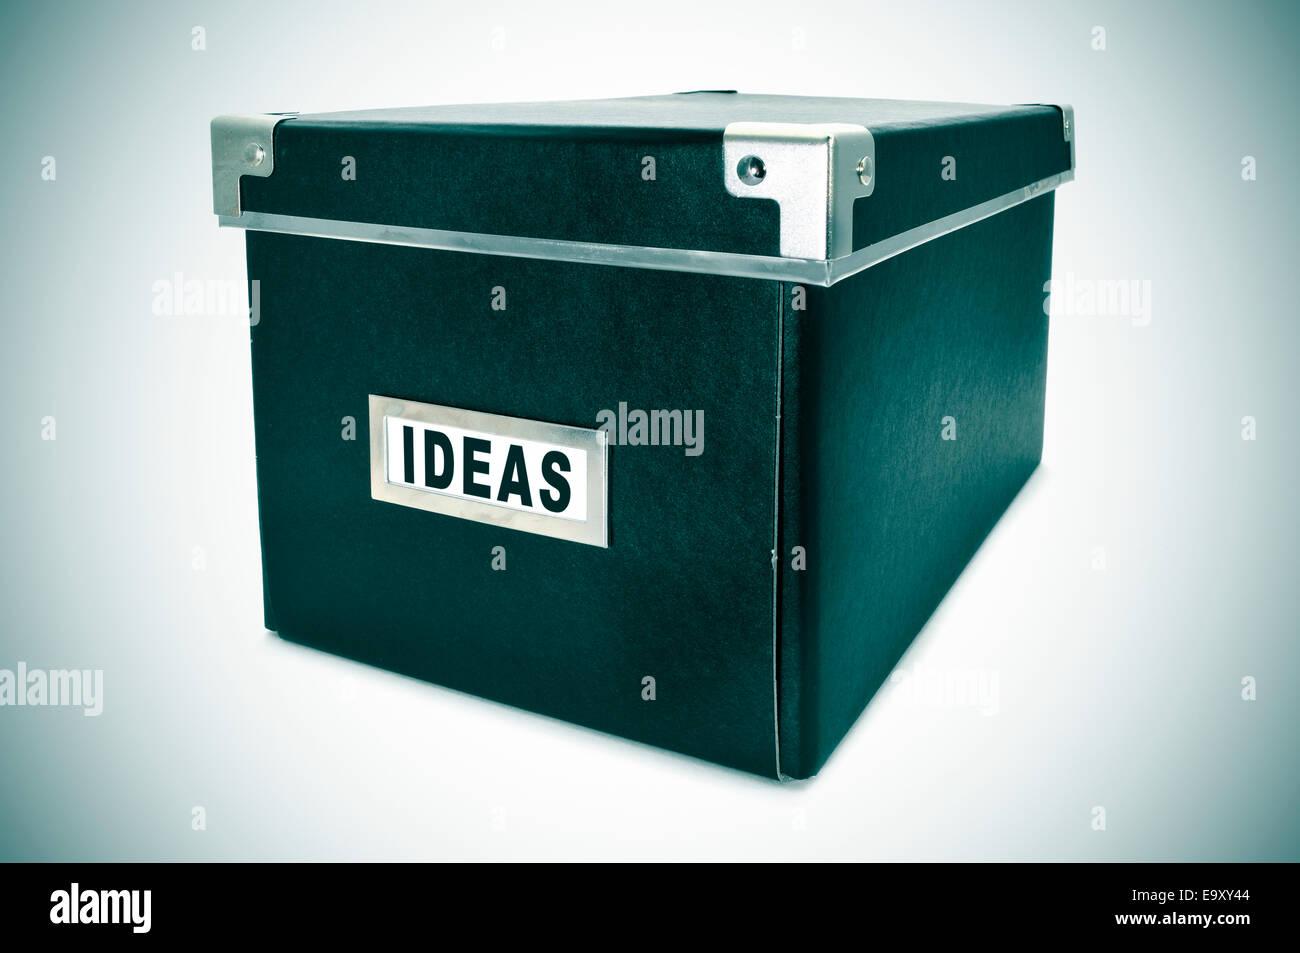 Una caja de almacenamiento de cartón negro con la palabra ideas por escrito en la tarjeta de índice Imagen De Stock